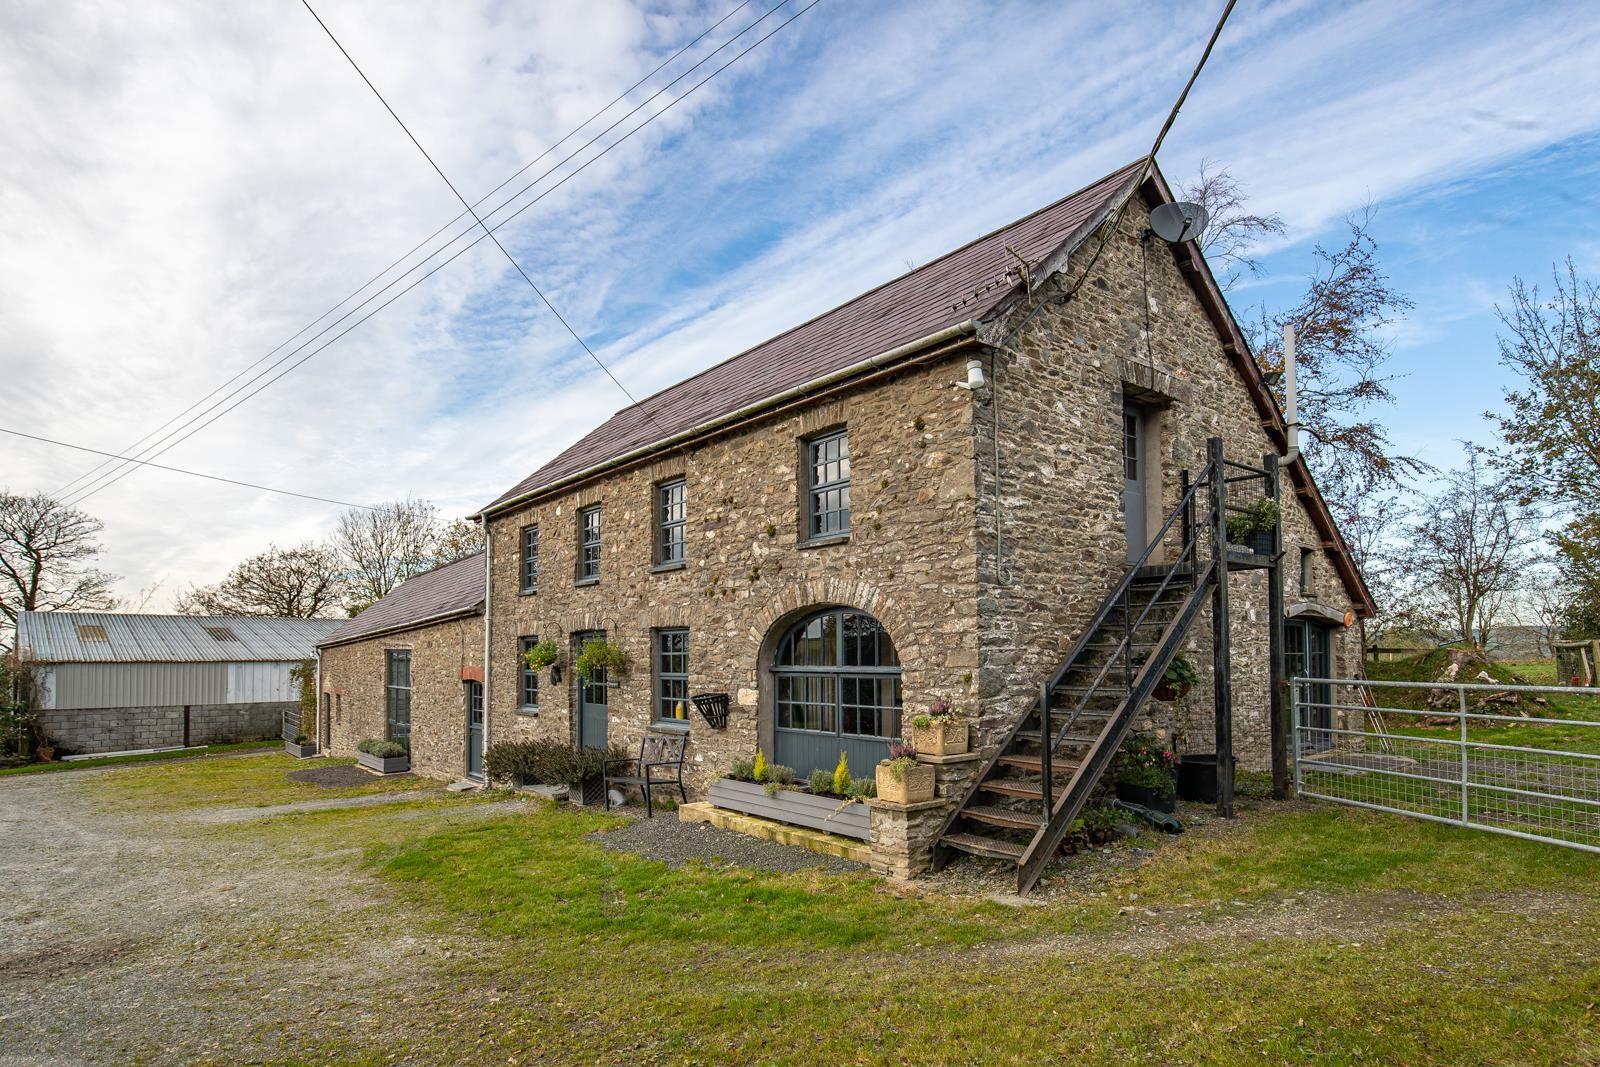 Property photo 1 of 85. Farmhouse